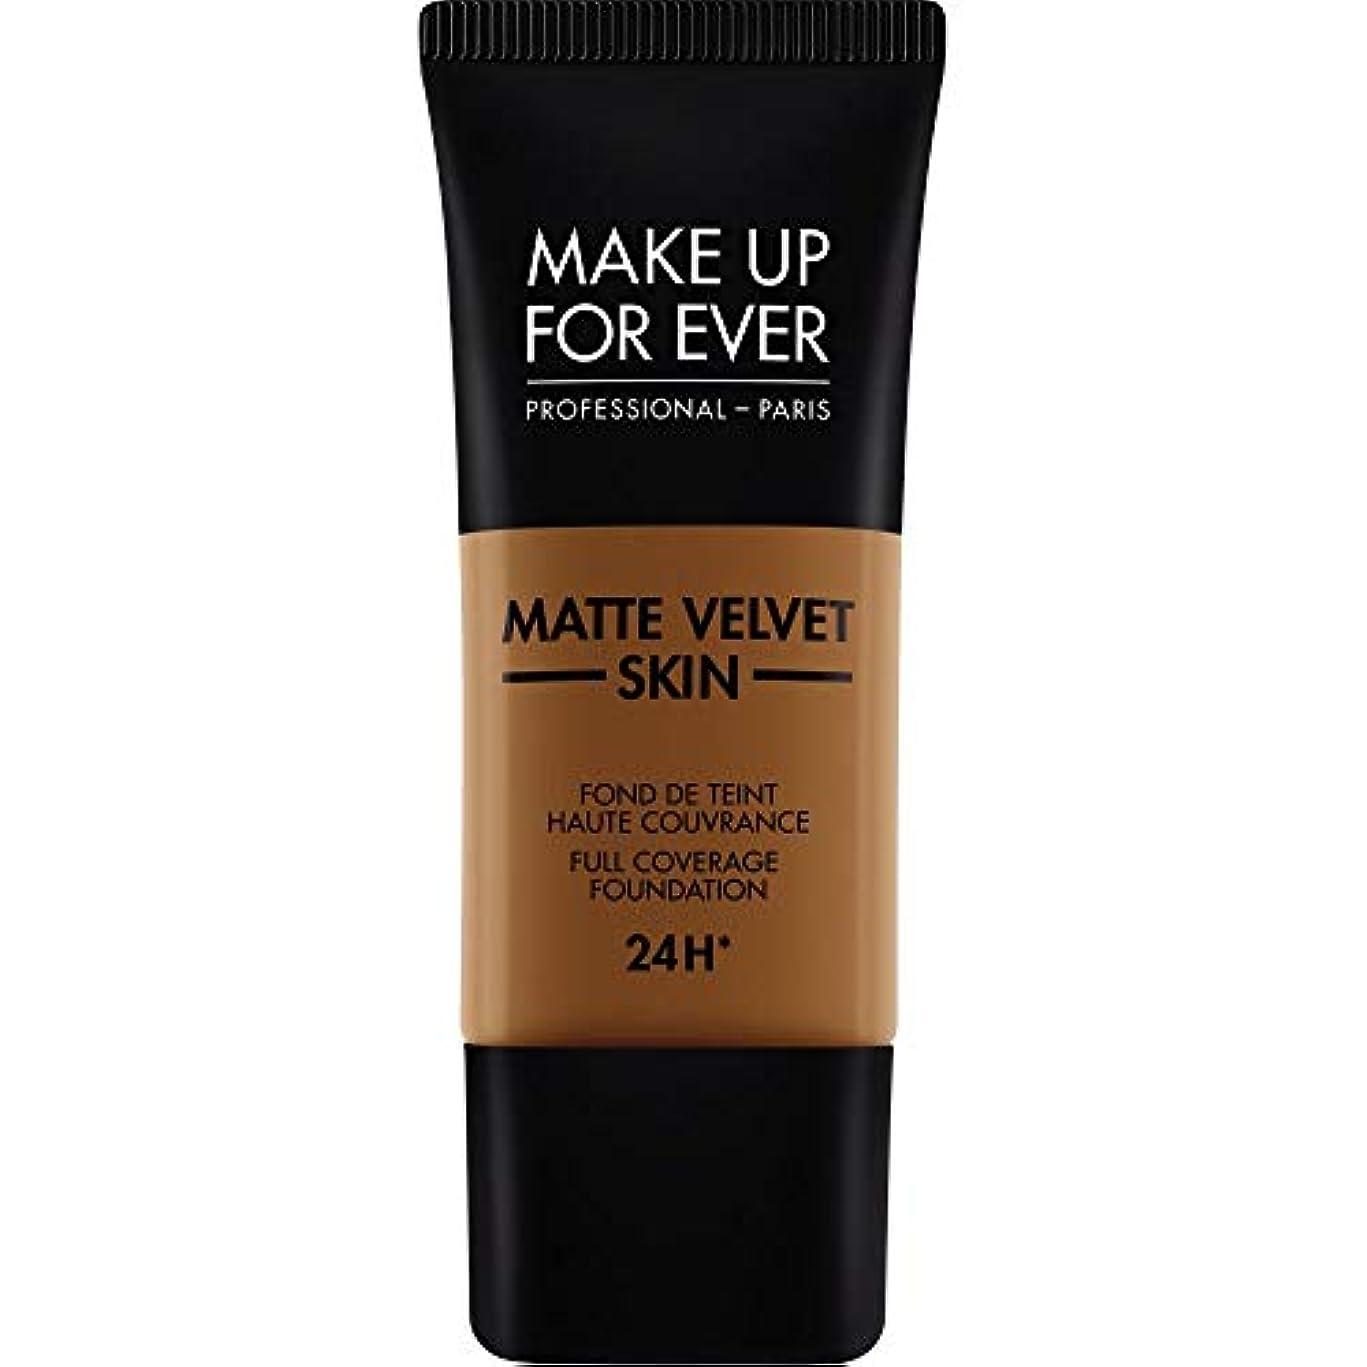 比較的物思いにふける生き残り[MAKE UP FOR EVER] これまでマットベルベットの皮膚のフルカバレッジ基礎30ミリリットルのR530を補う - ブラウン - MAKE UP FOR EVER Matte Velvet Skin Full...